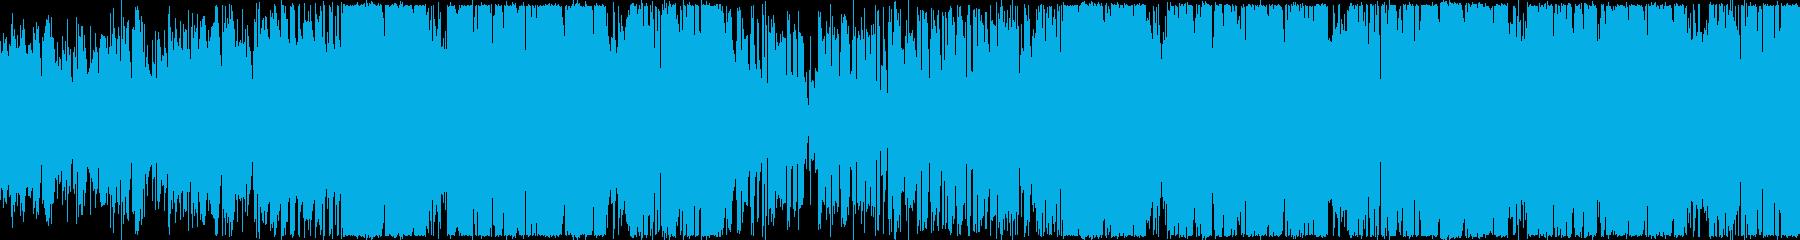 会社紹介・楽しい・わくわく・ファンクの再生済みの波形